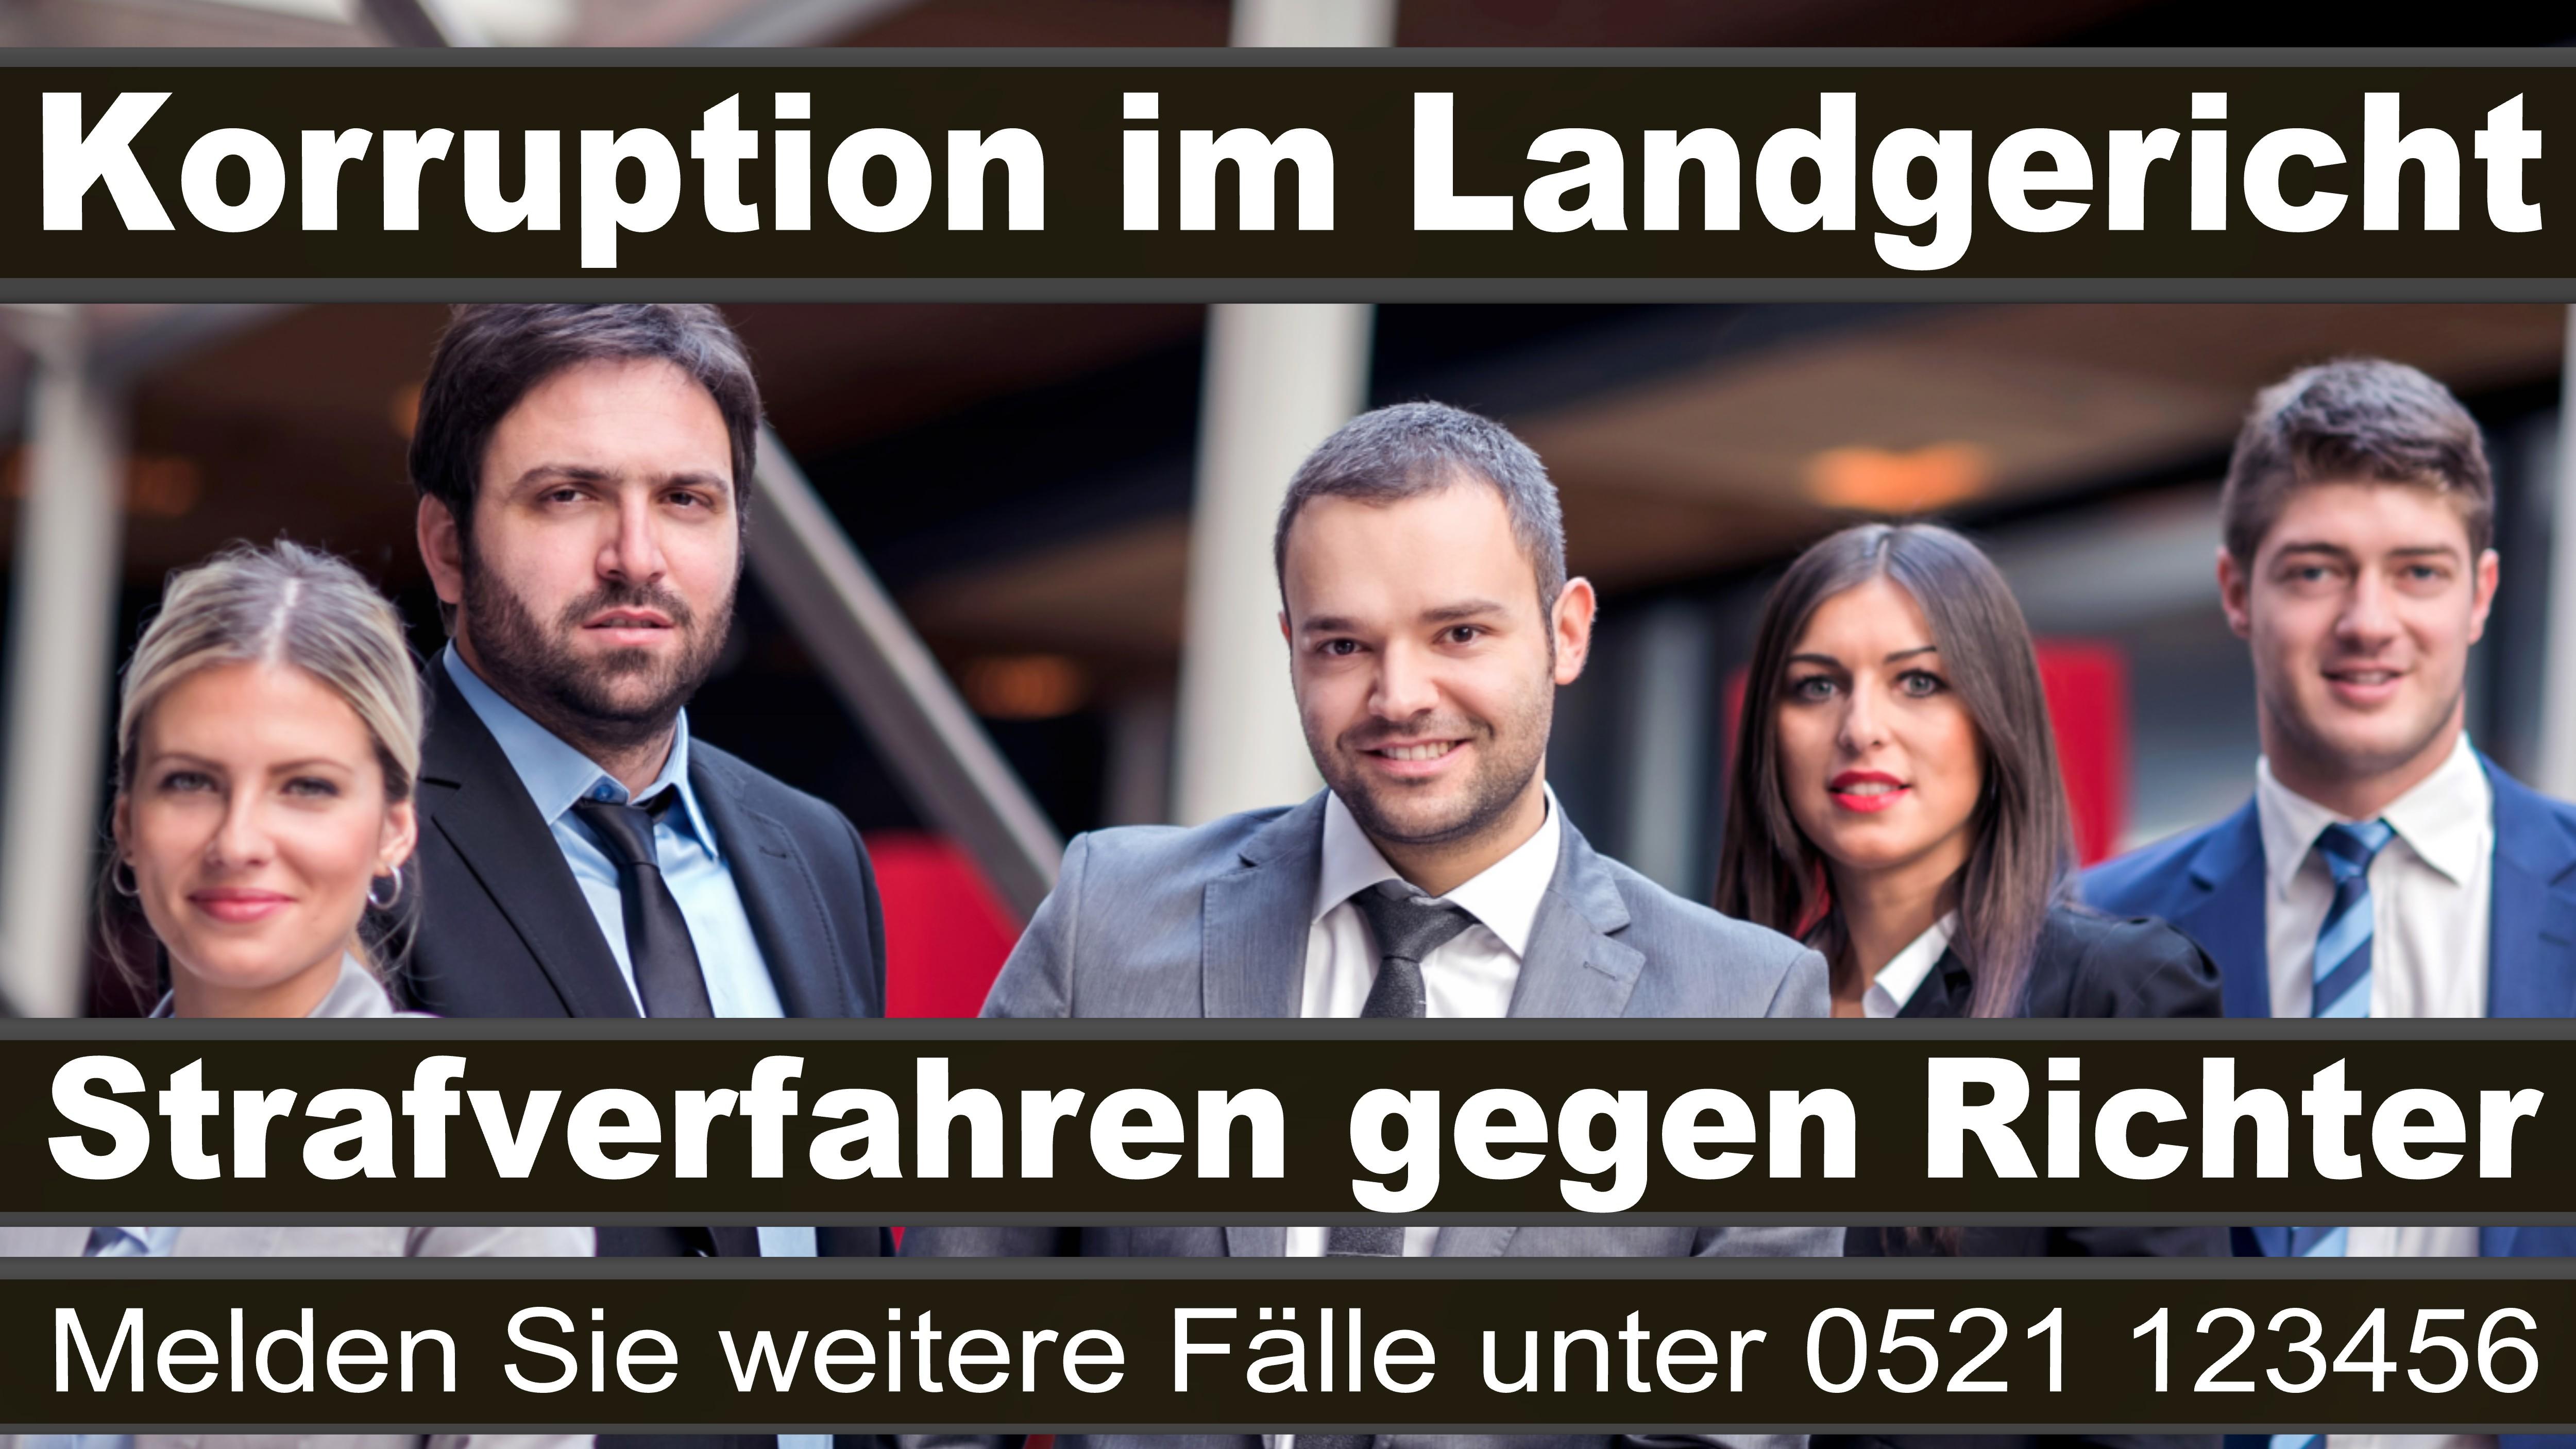 Verfassungsgerichtshof Des Landes Berlin